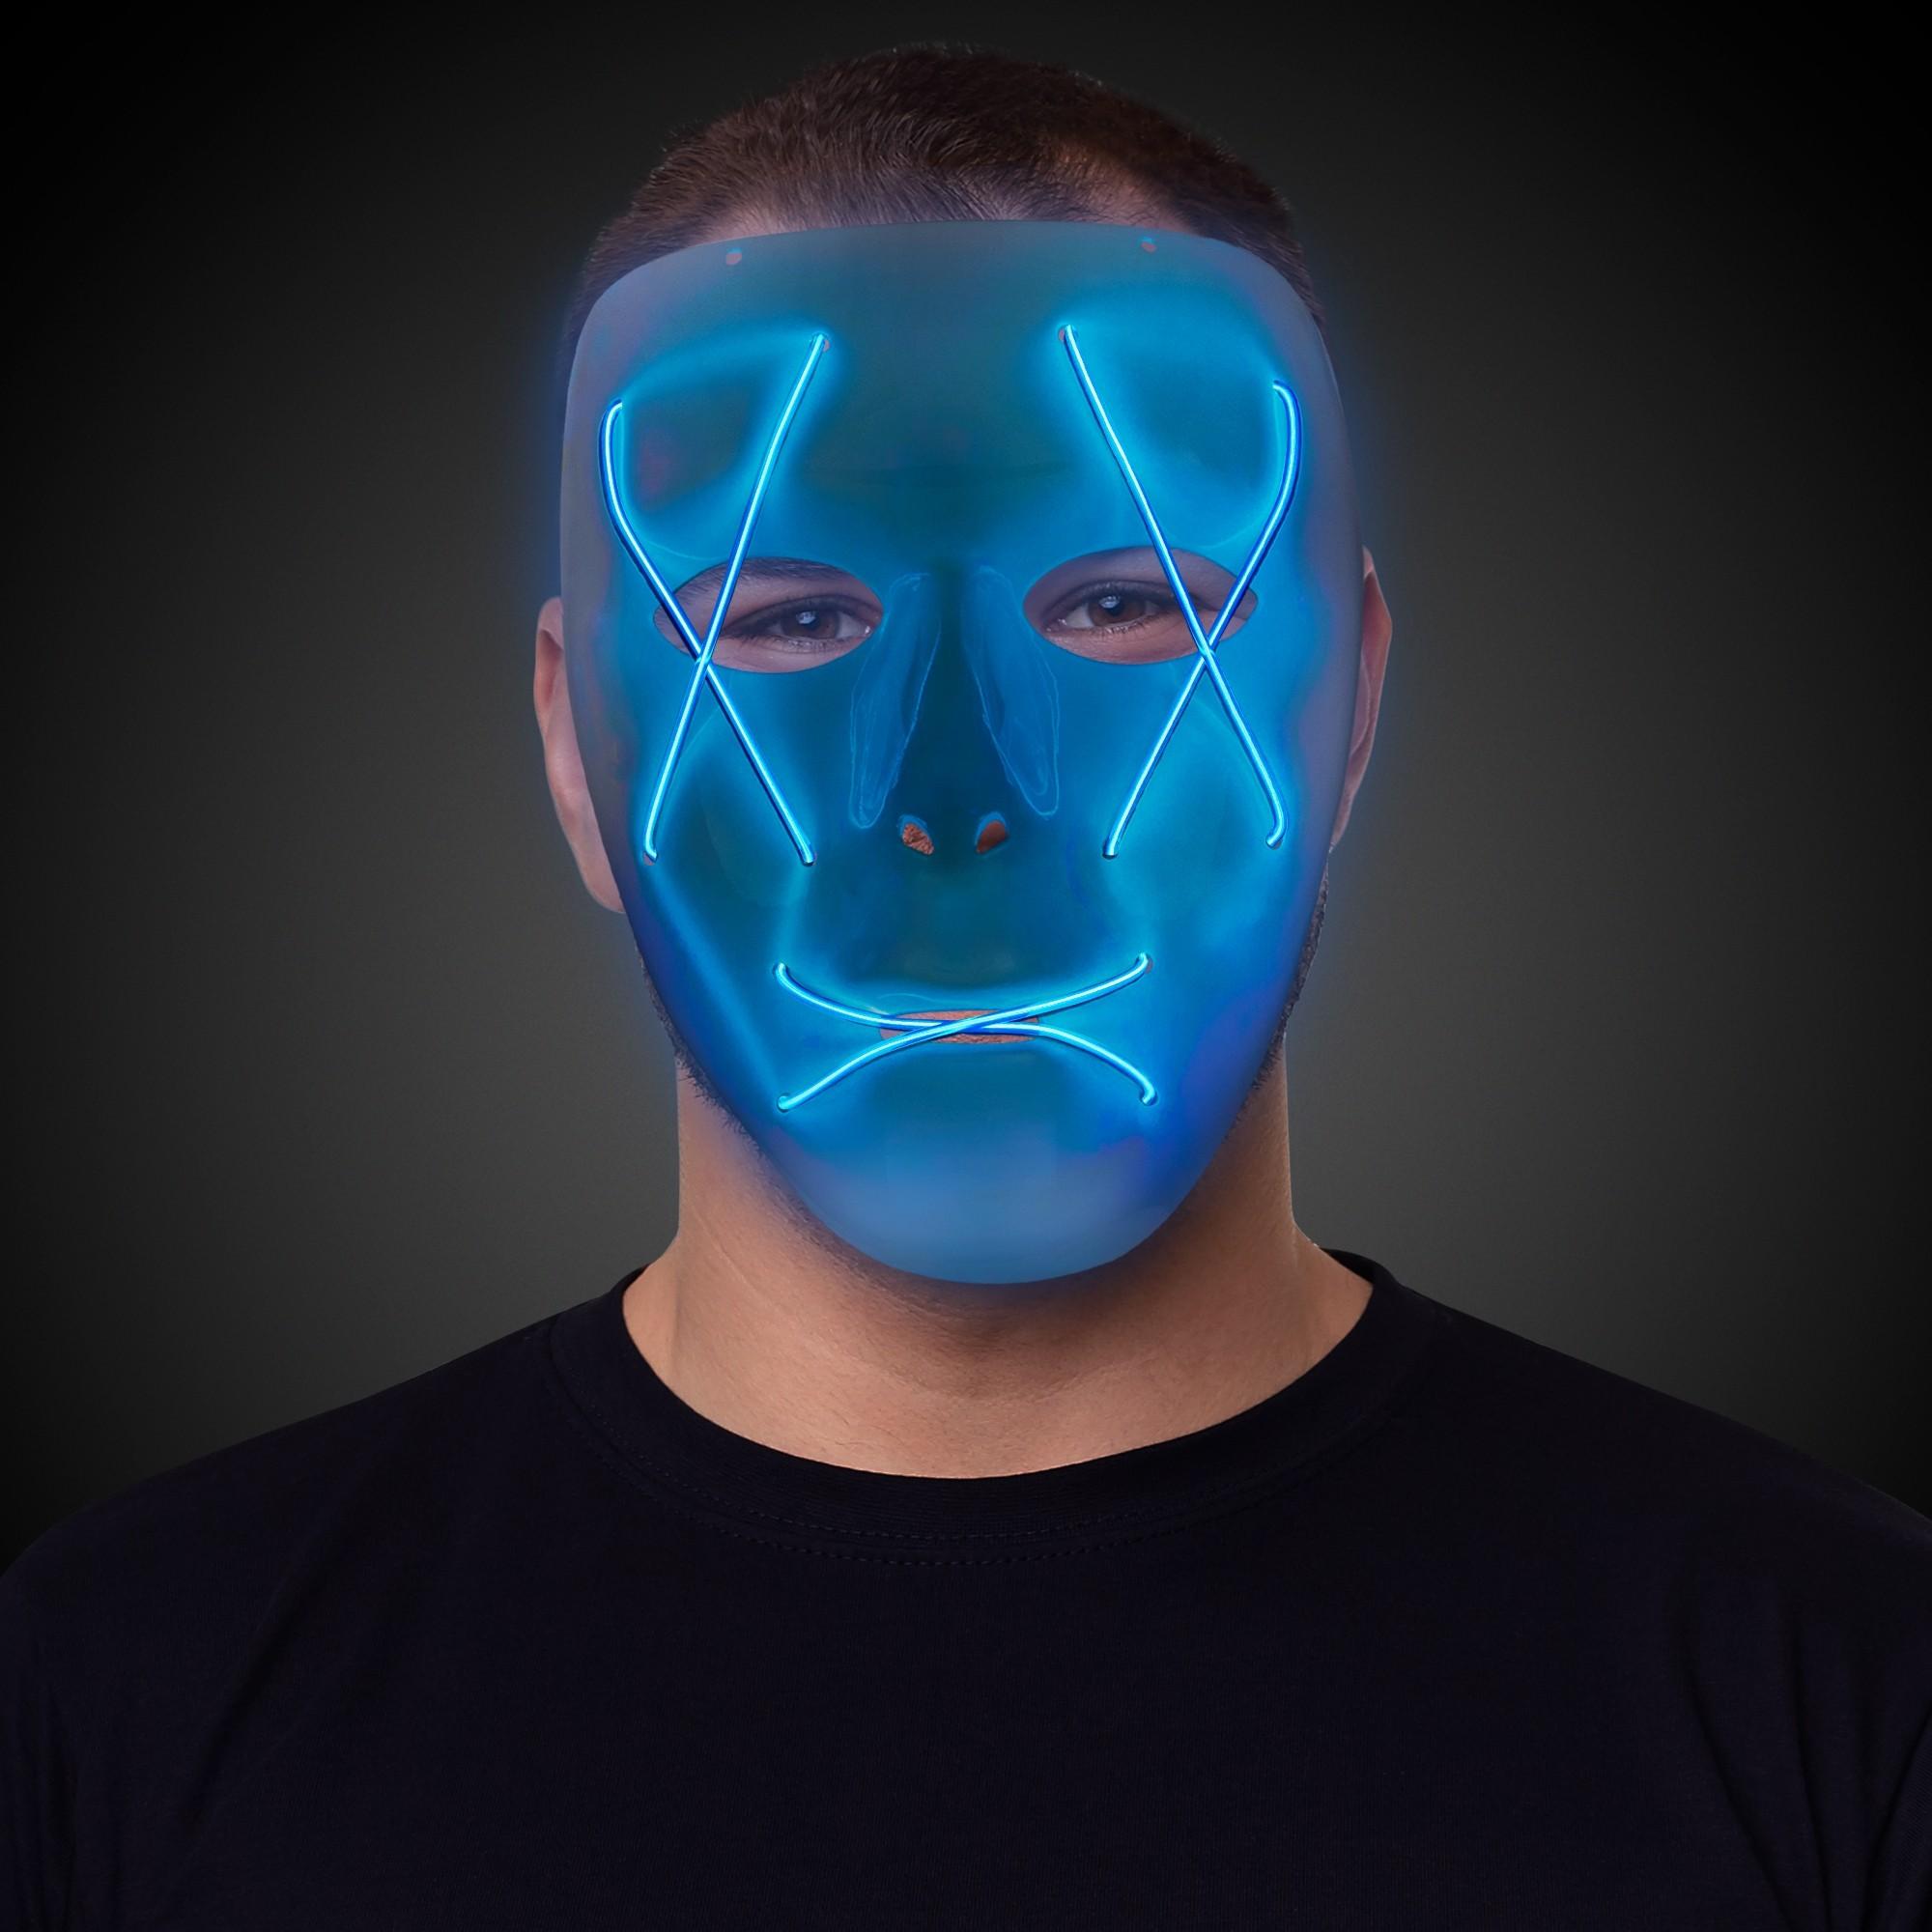 EL WIRE MASK - BLUE EL WIRE